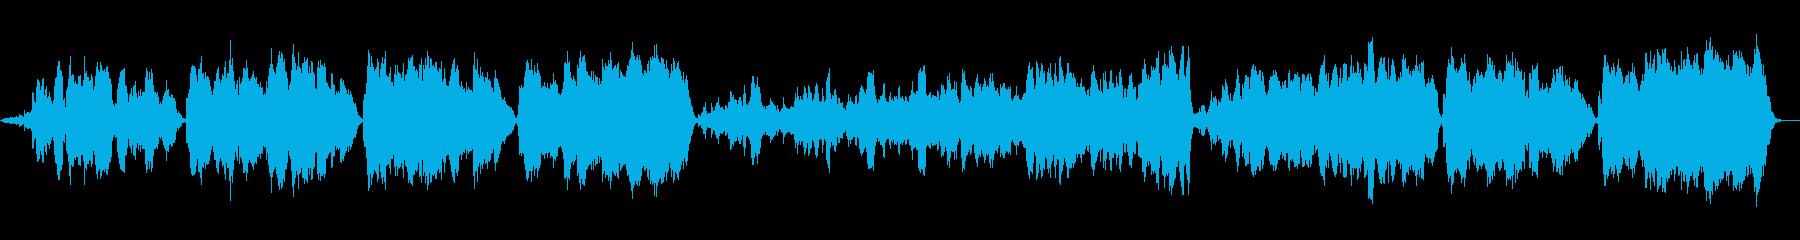 壮大で切ないオーケストラ音楽の再生済みの波形